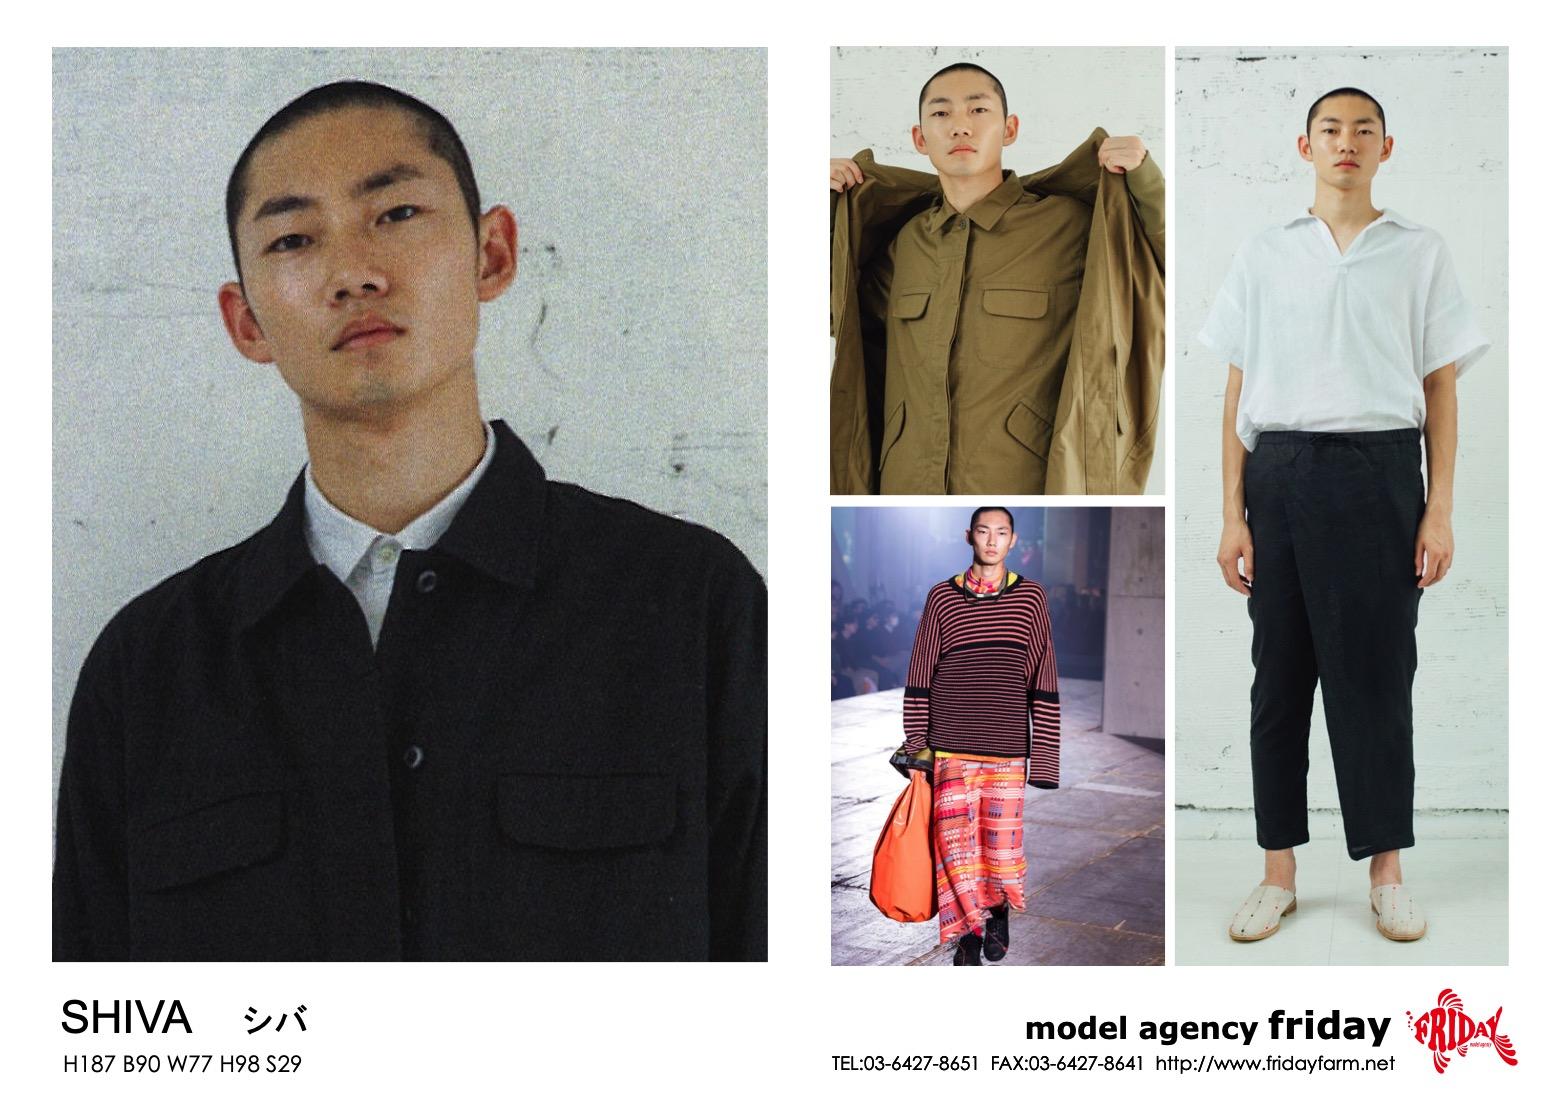 SHIVA - シヴァ | model agency friday